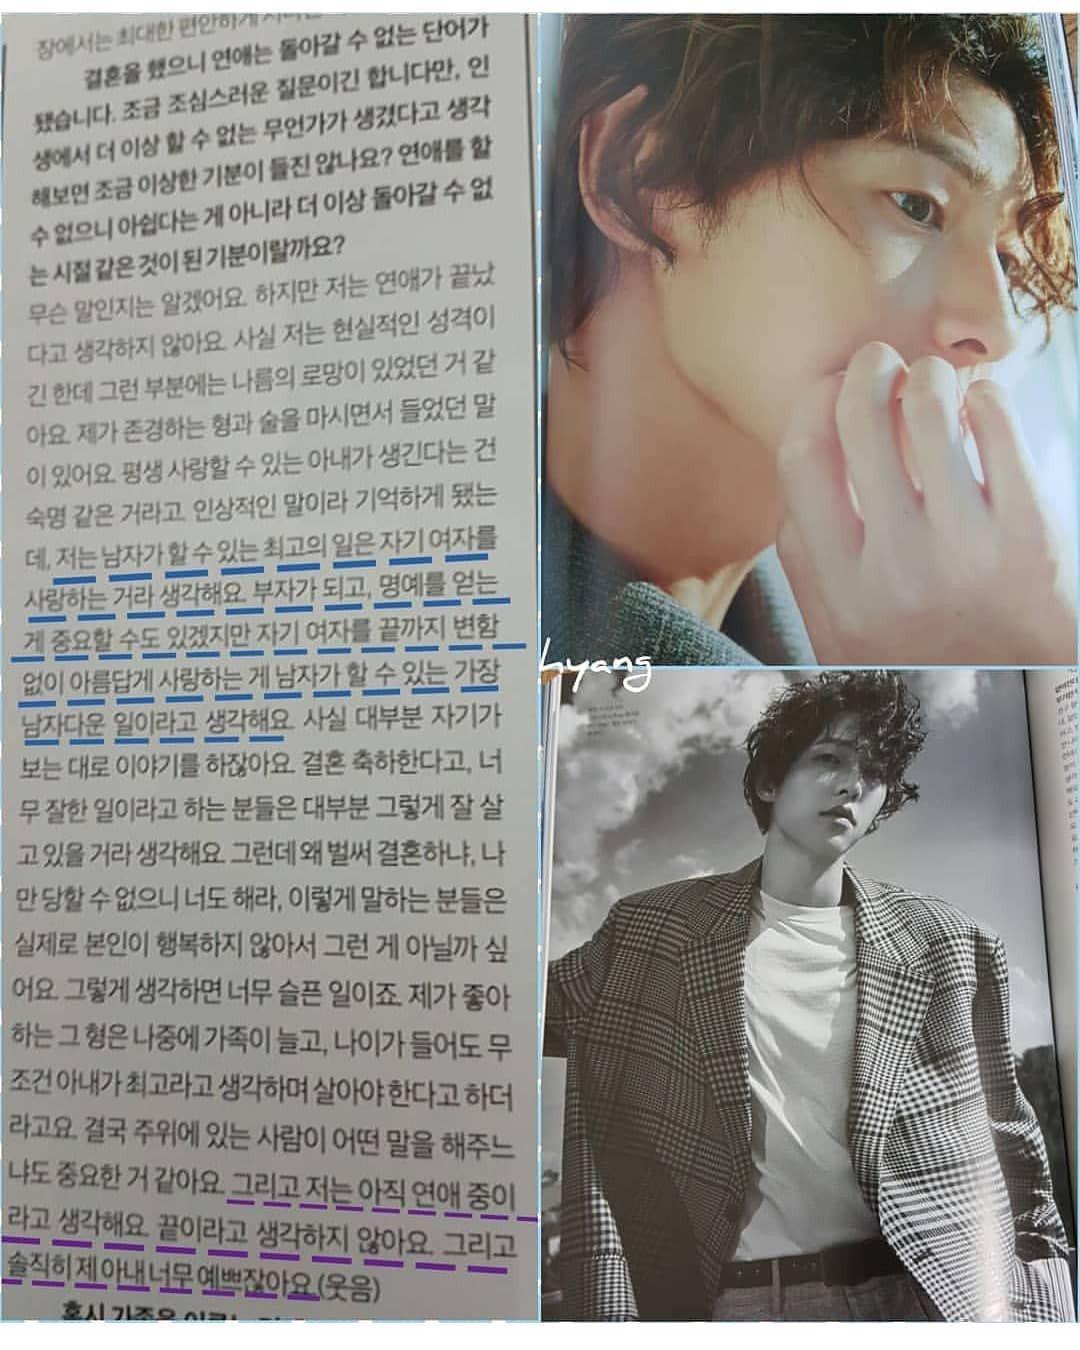 Tình như Song Joong Ki: Tiết lộ bí quyết giữ lửa tình yêu suốt 1 năm kết hôn, tấm tắc khen vợ tôi quá đẹp đi - Ảnh 2.